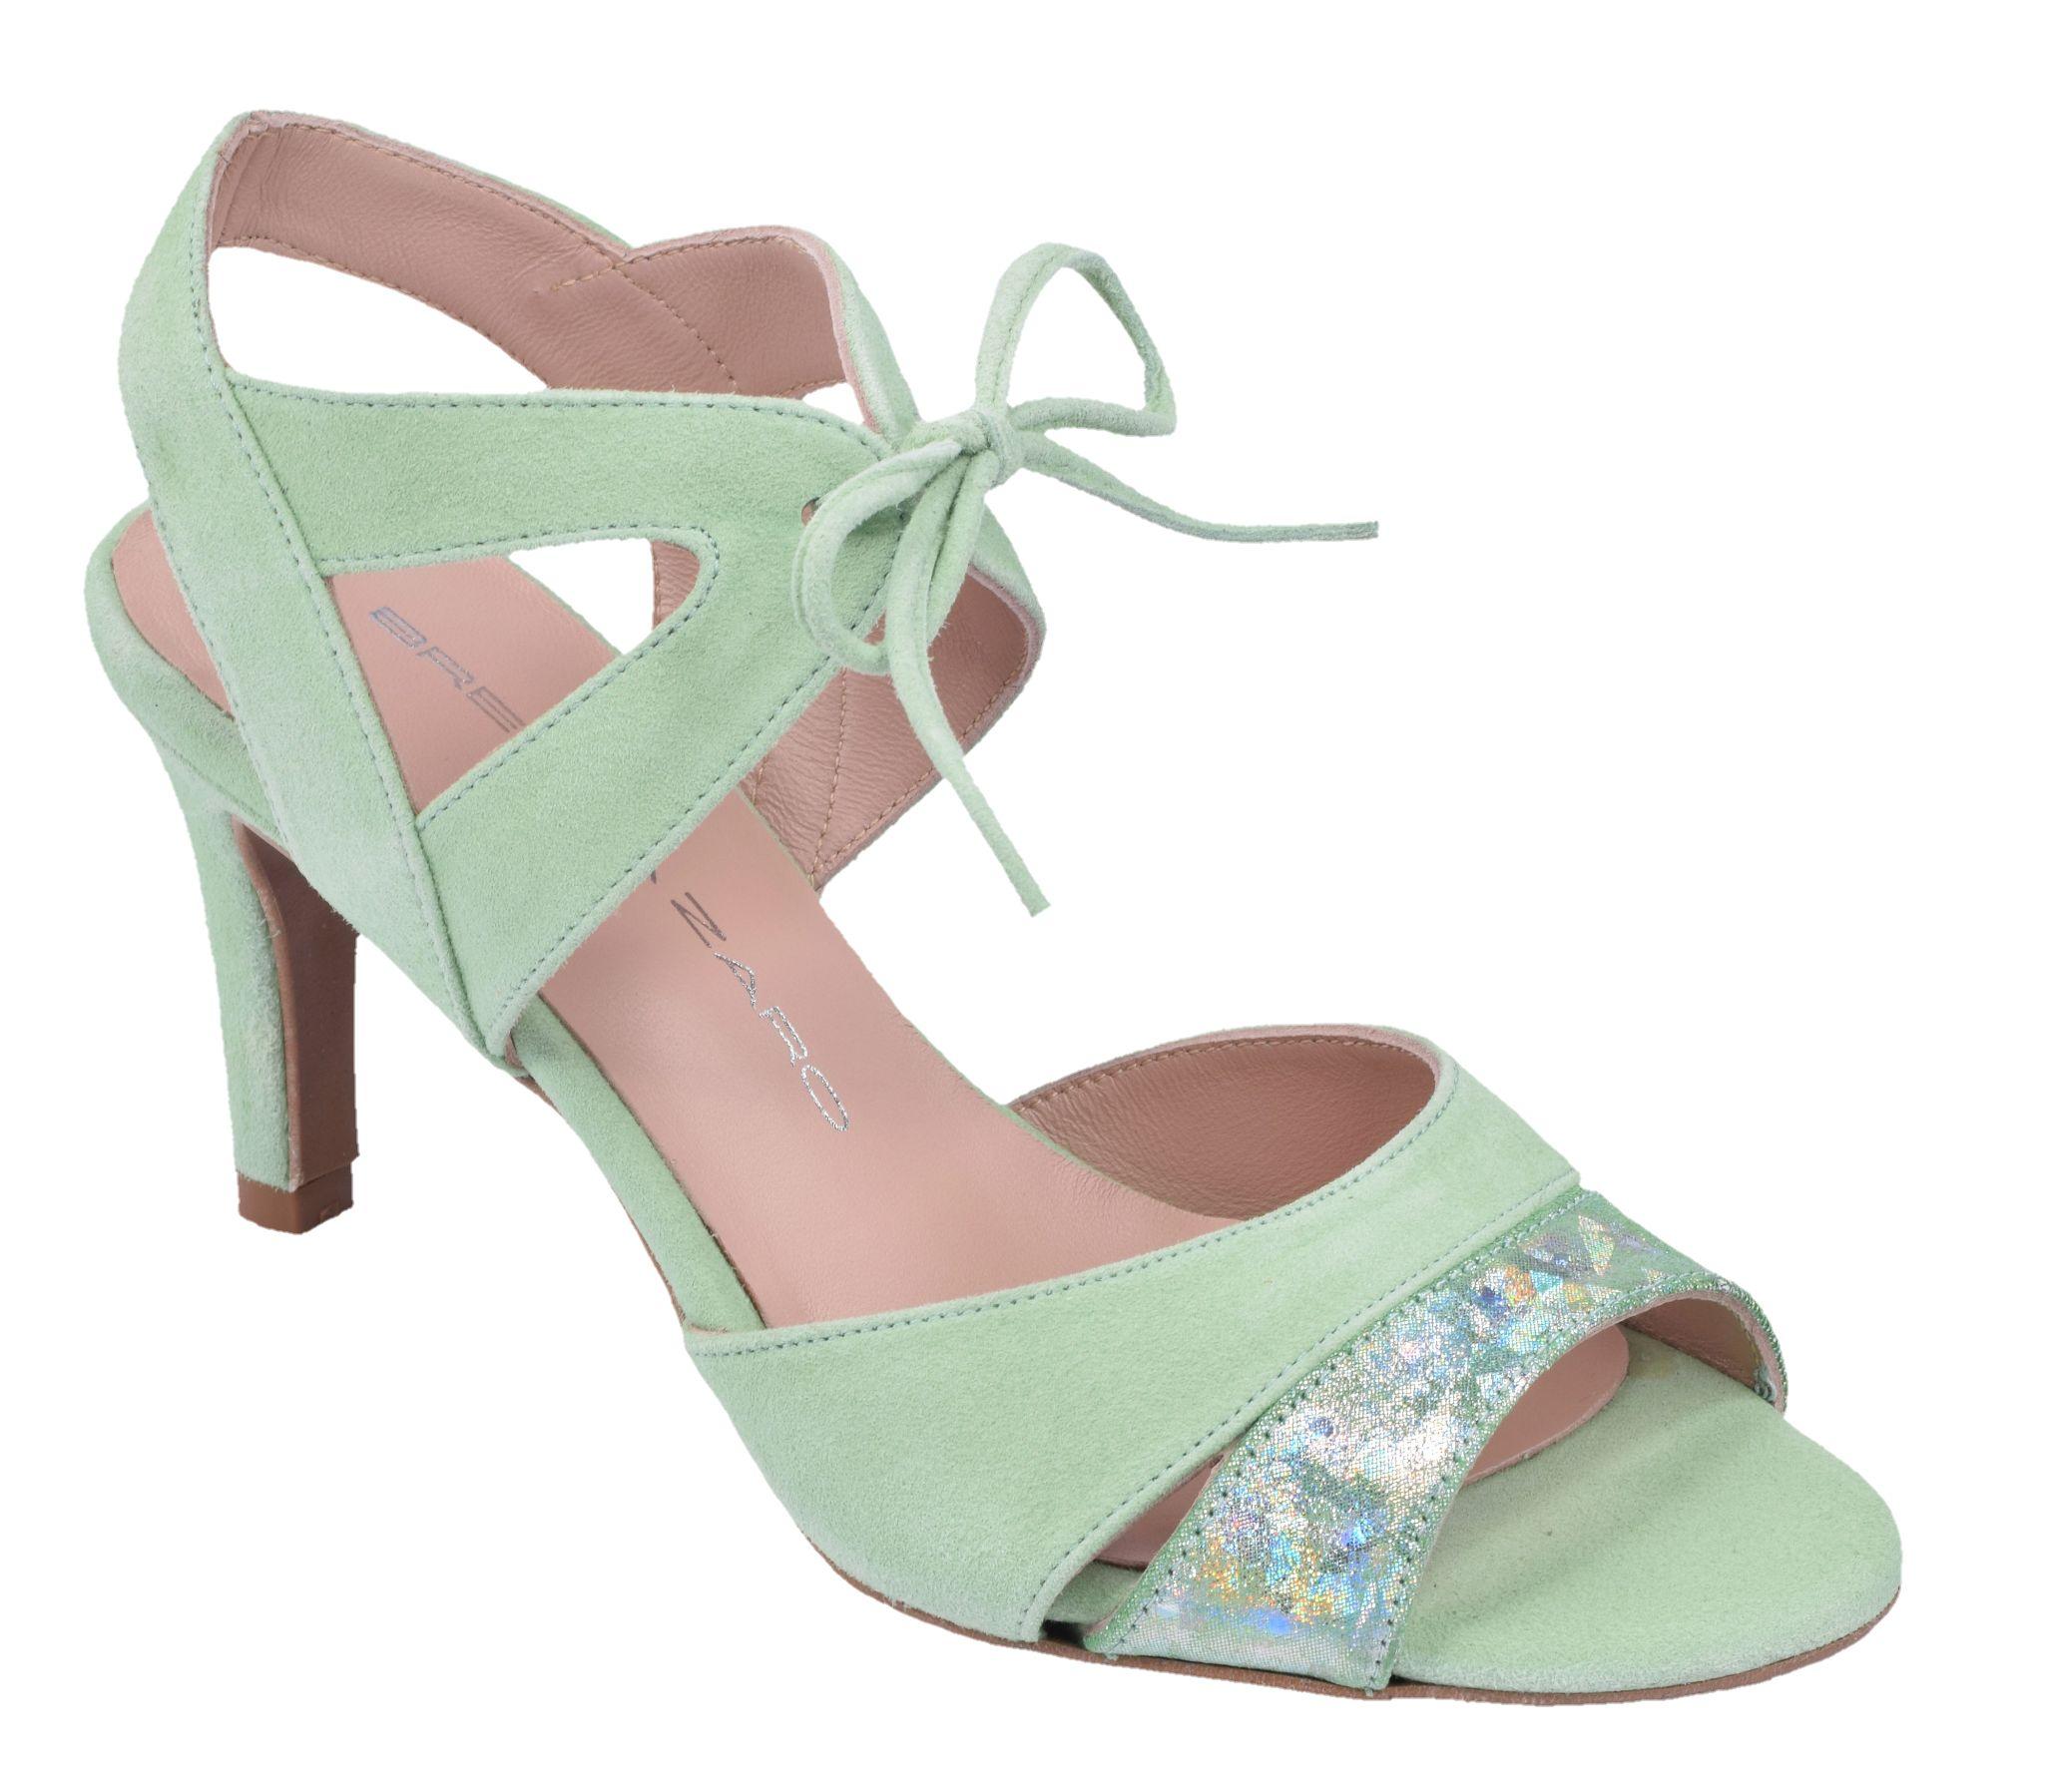 Sandales talons vert menthe femme petites pointures